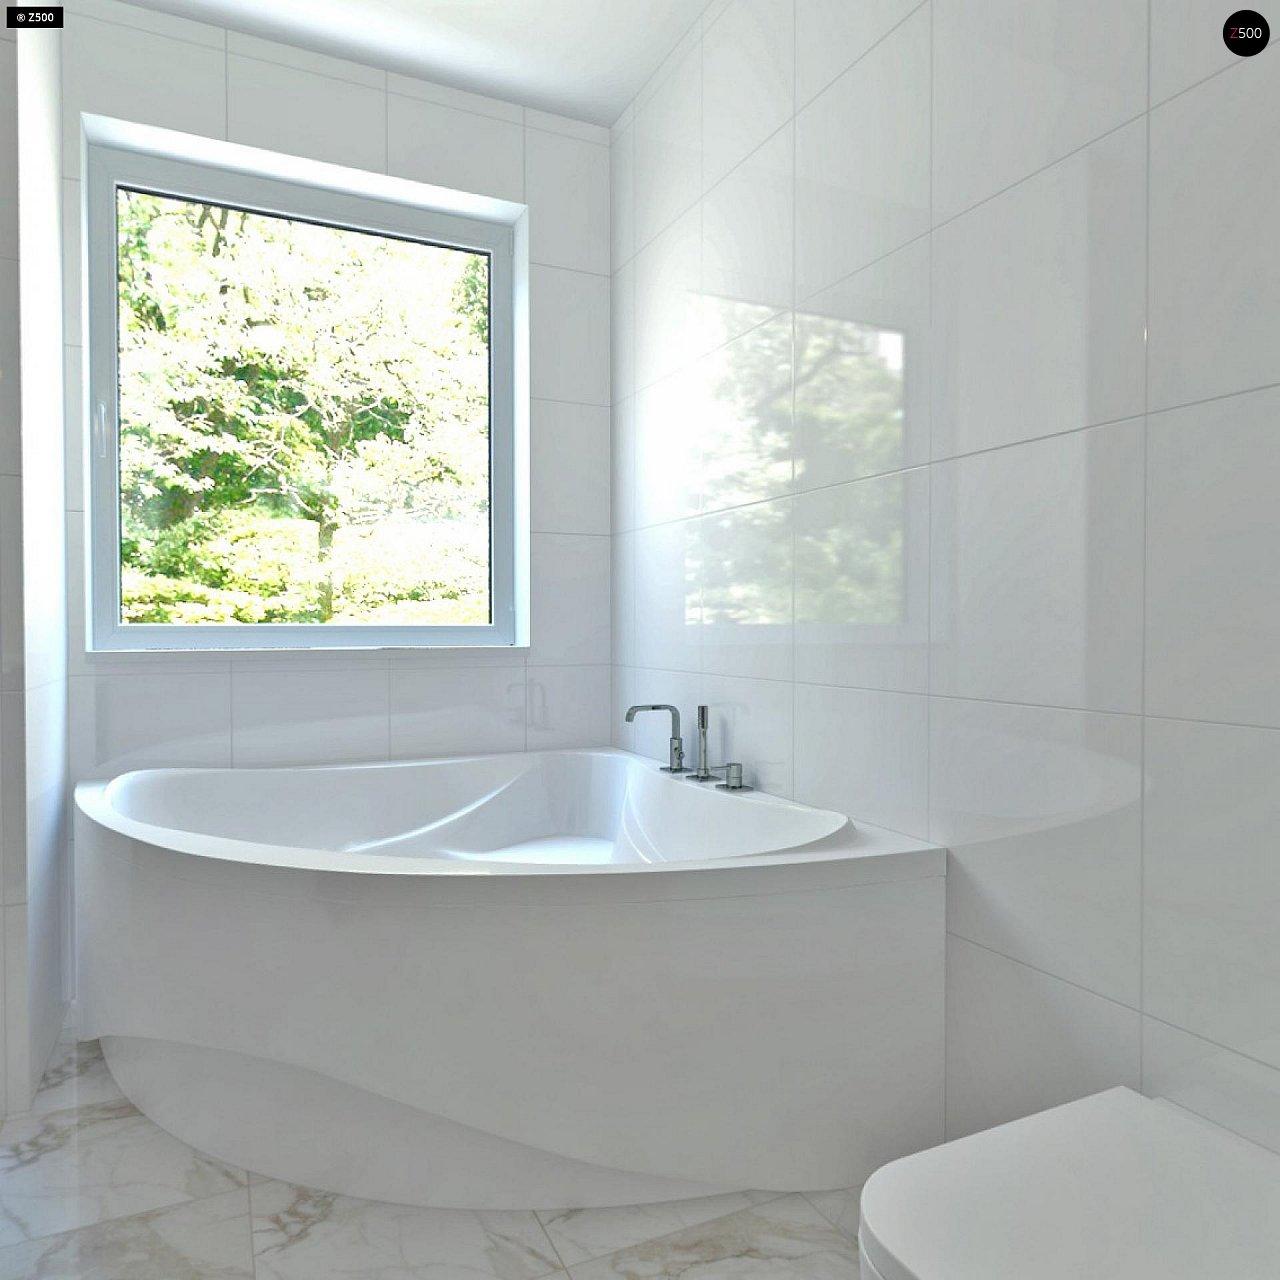 Проект компактного двухэтажного дома строгого современного стиля. - фото 13